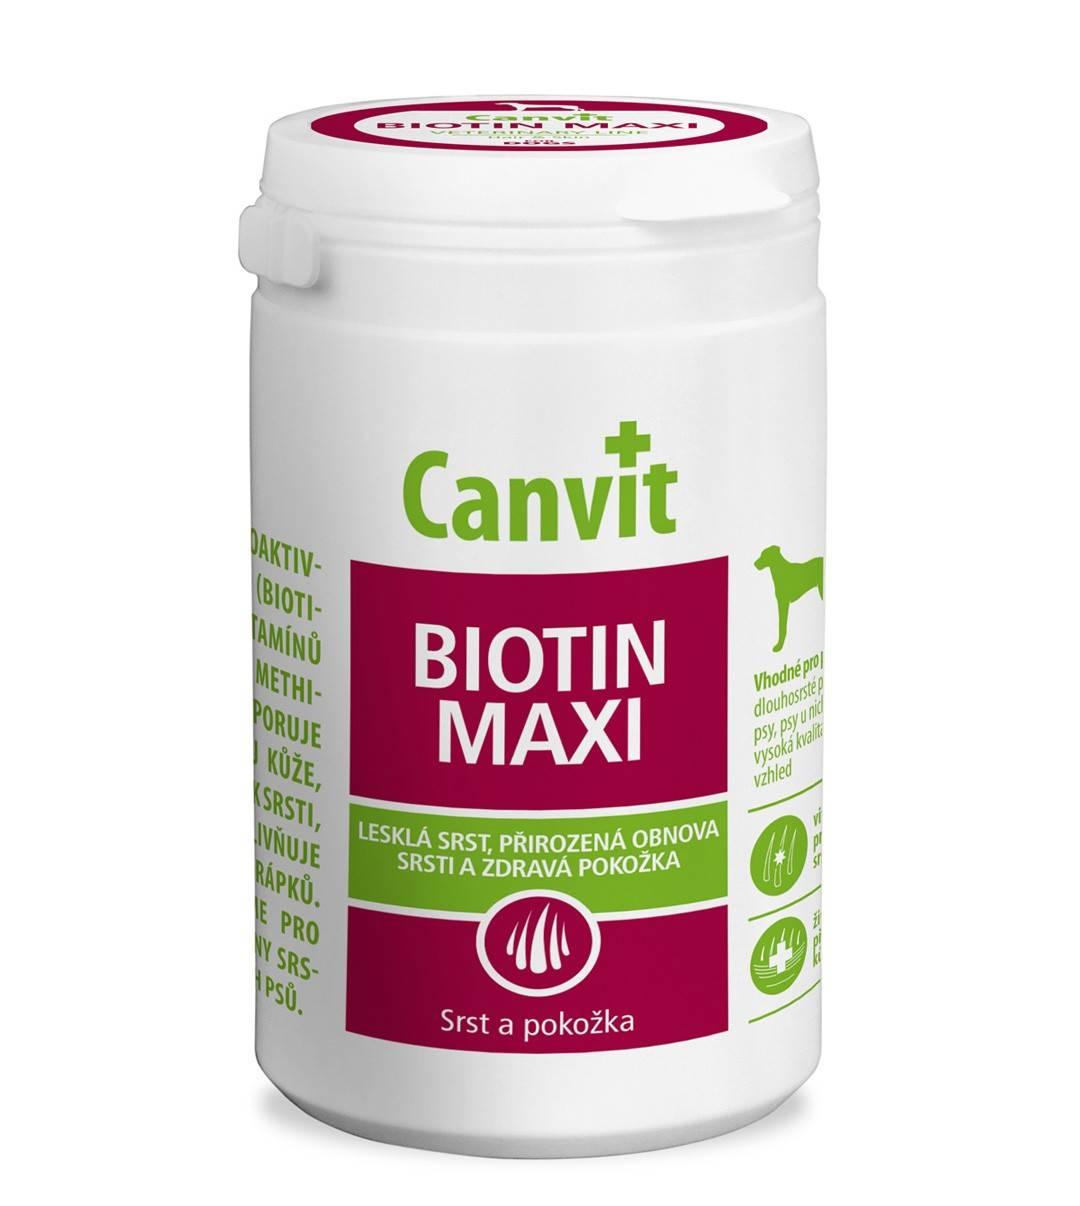 CANVIT  BIOTIN MAXI  – мультивітамінний комплекс з біотином для собак великих порід